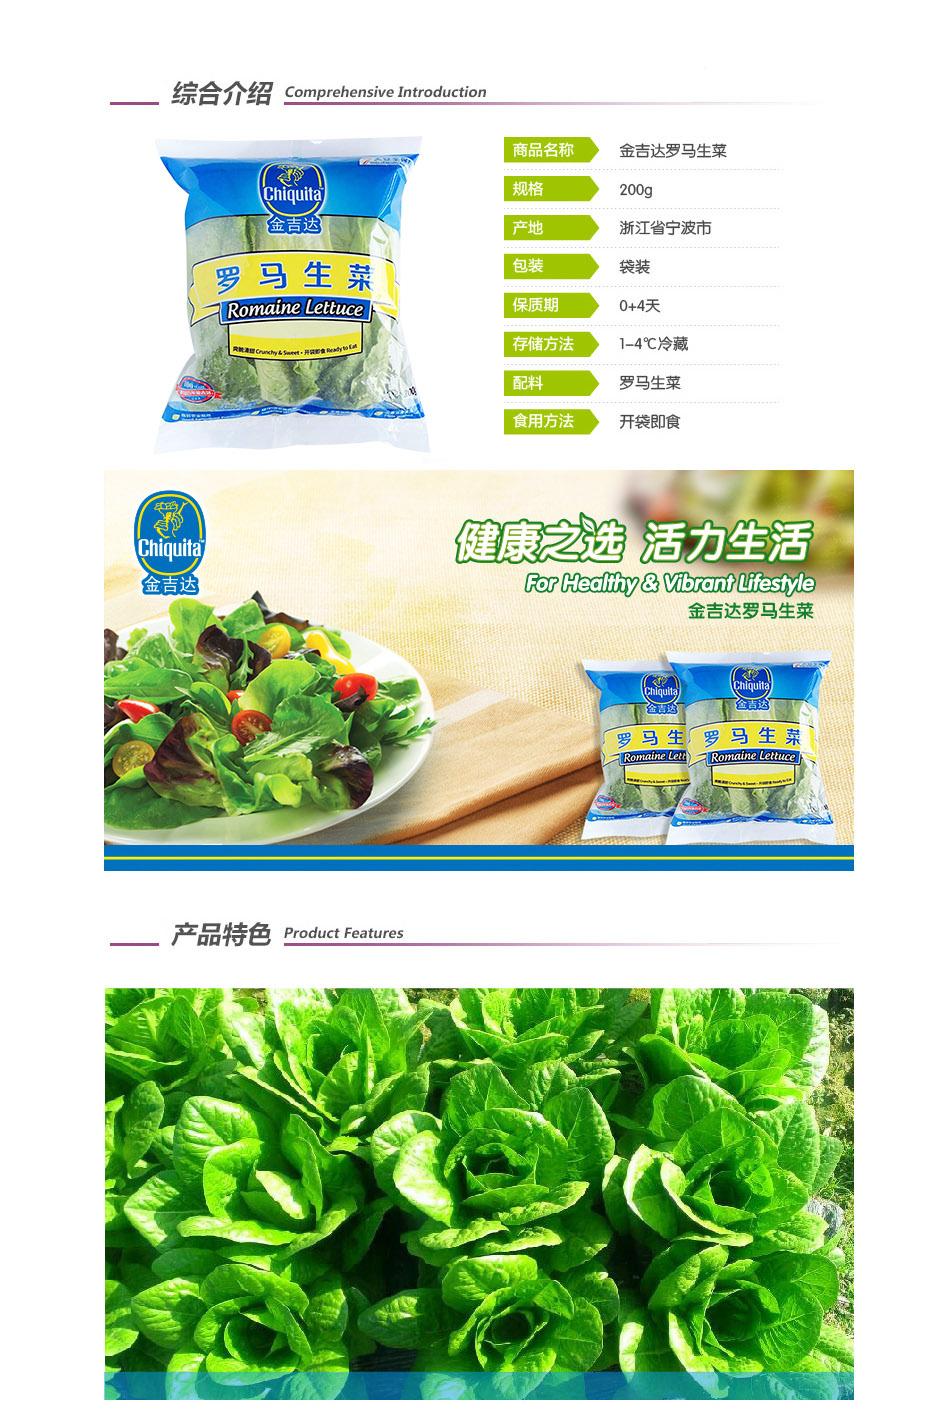 金吉达罗马生菜200g/袋图片